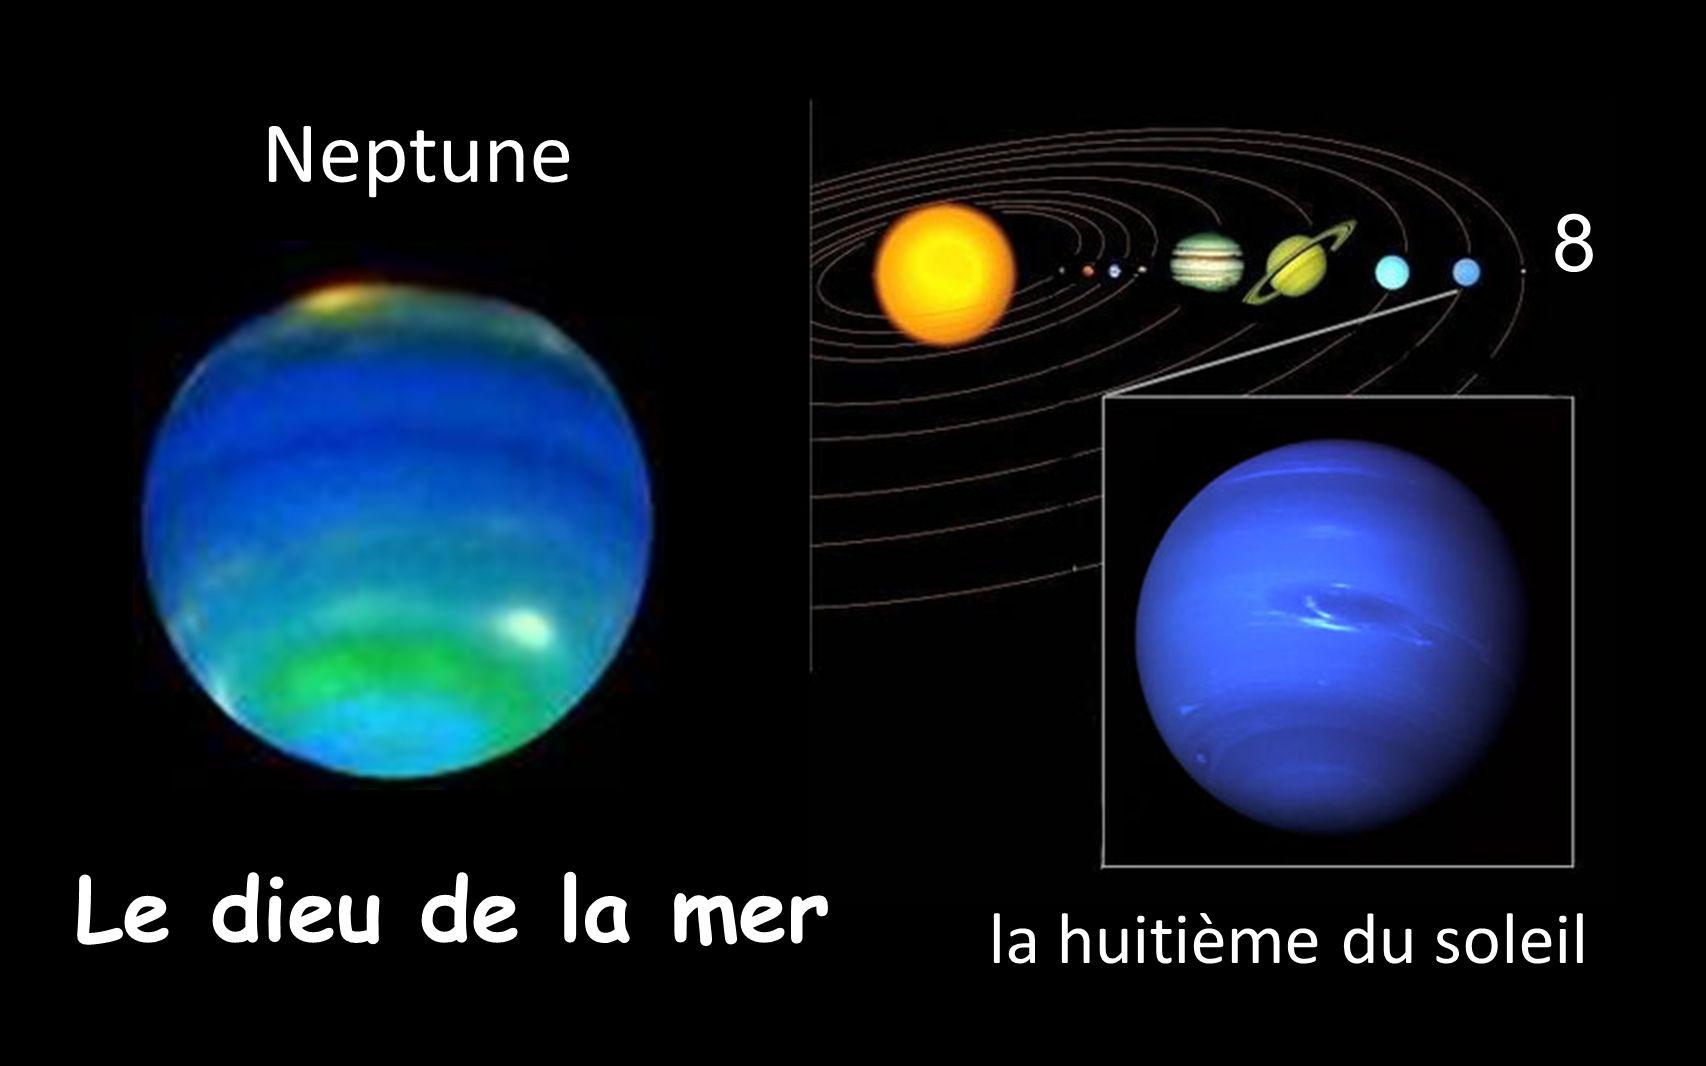 _ Uranus _ La planète penchée la septième du soleil 7